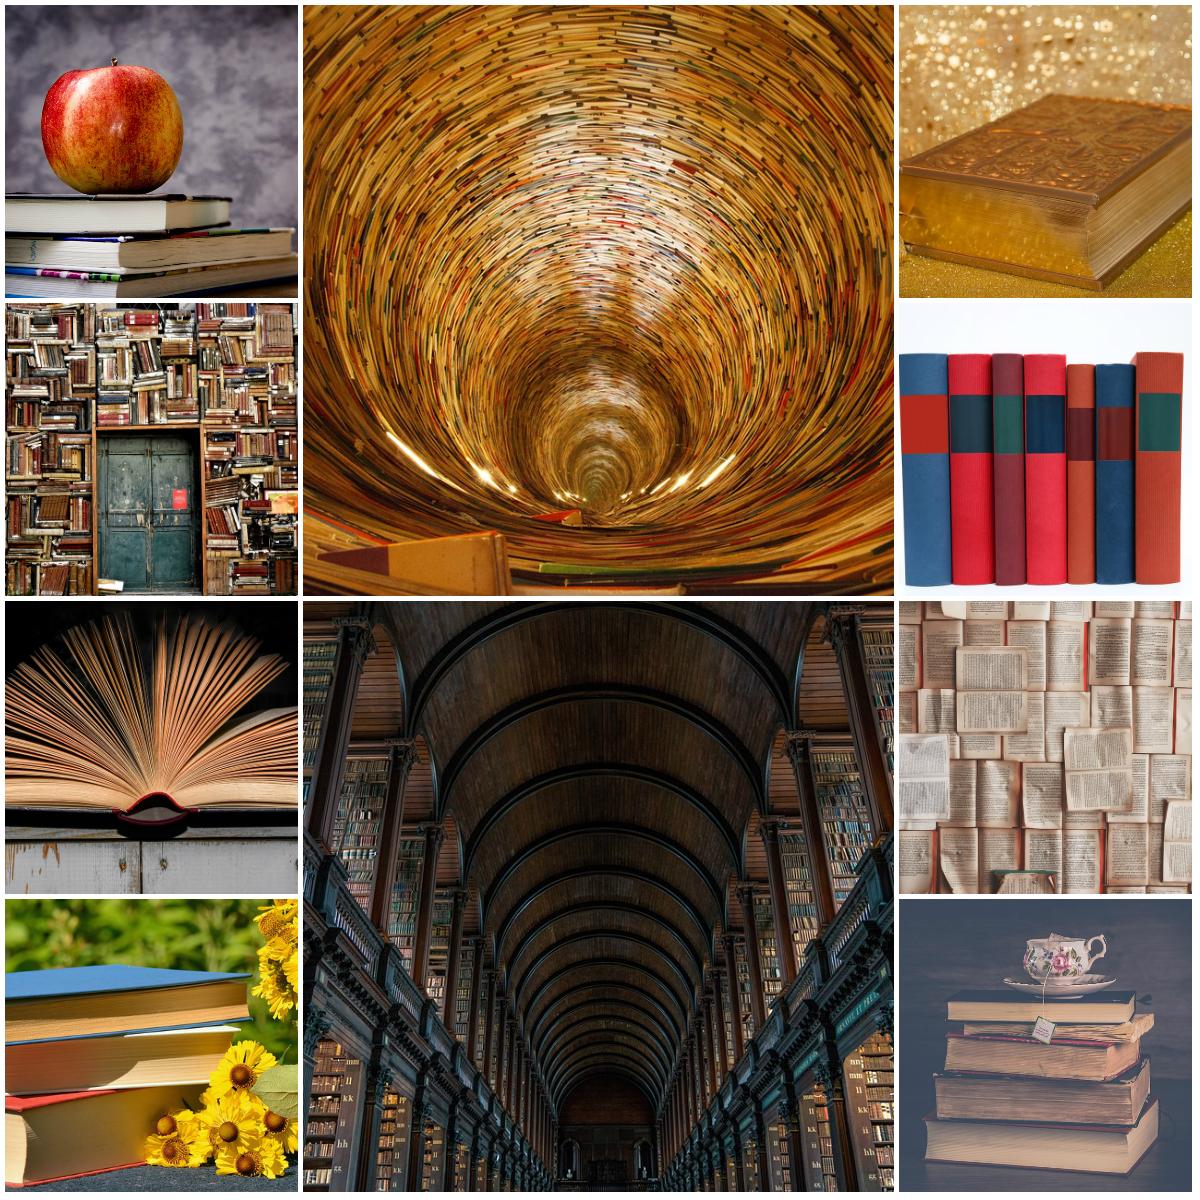 Motivation Mondays: A Passion For Books